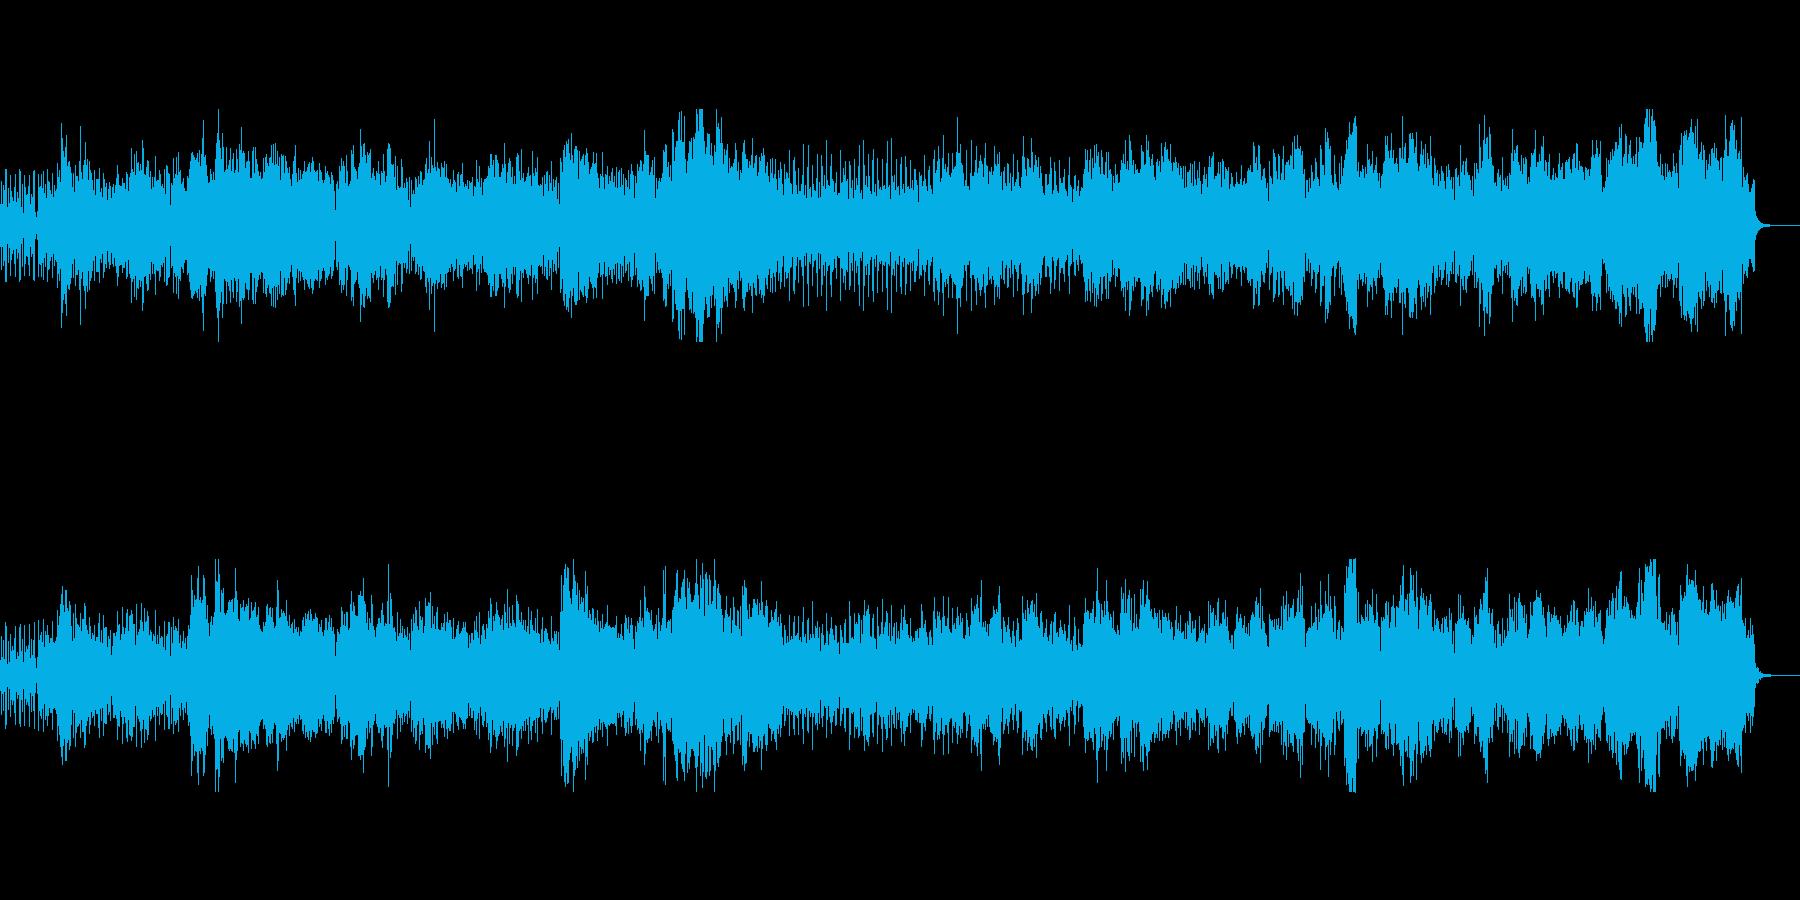 ★聖歌/教会音楽風BGM(男性コーラス)の再生済みの波形